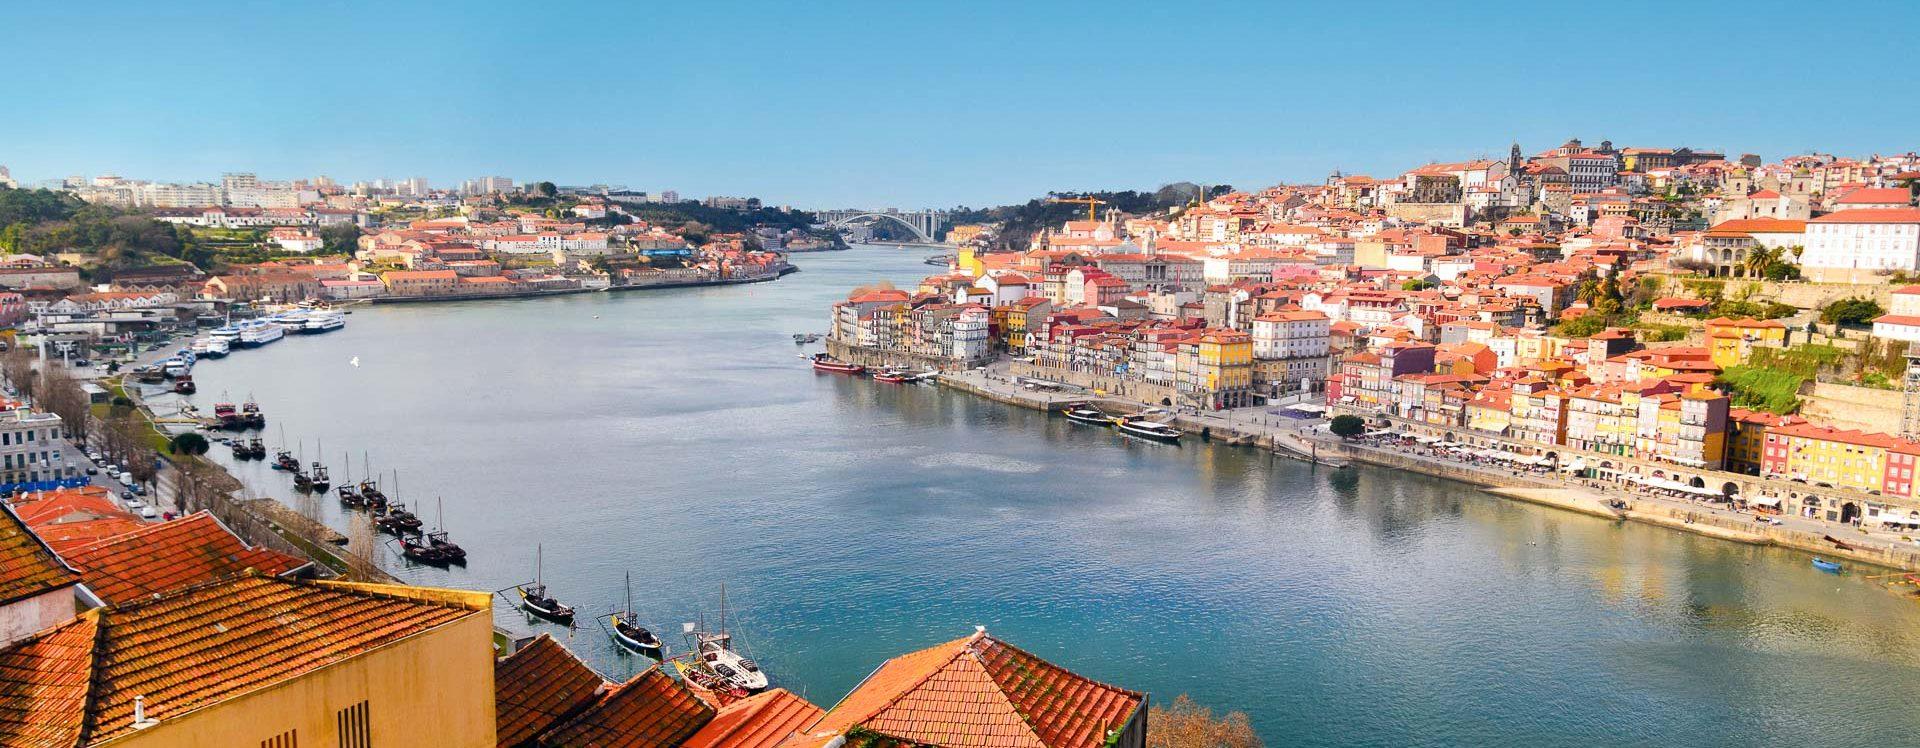 E-Velo Reisen entlang des Jakobweges - Blick über den Douro in Porto mit den Portweinschiffen (barcos rabelos) im Vordergrund